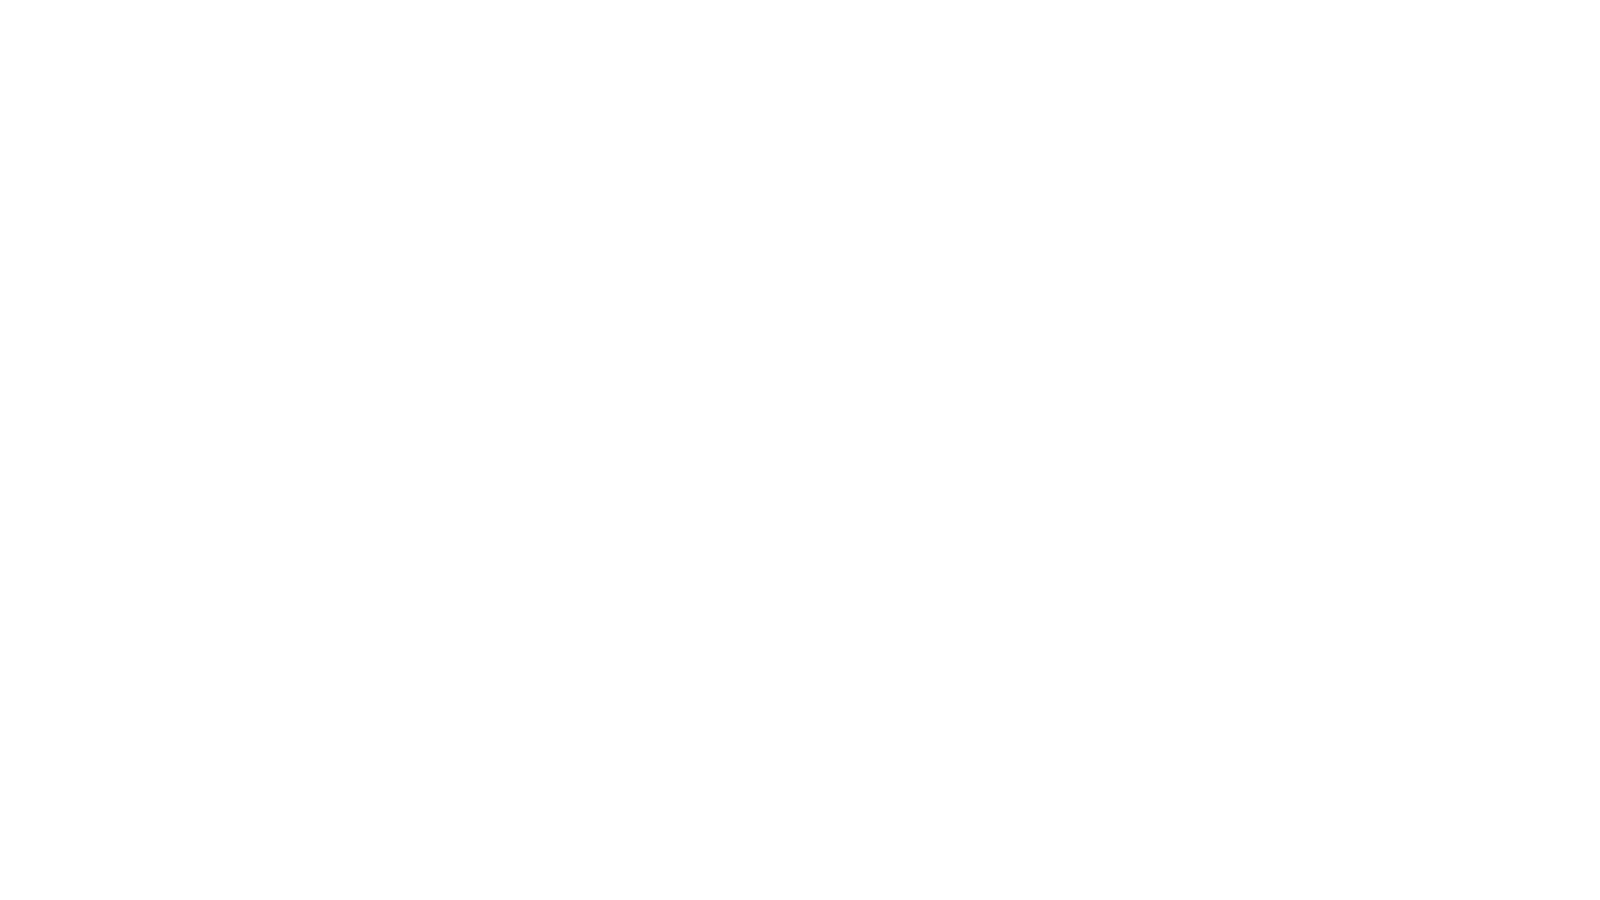 Présentation des produits distribués par Cap'tain Chercheur